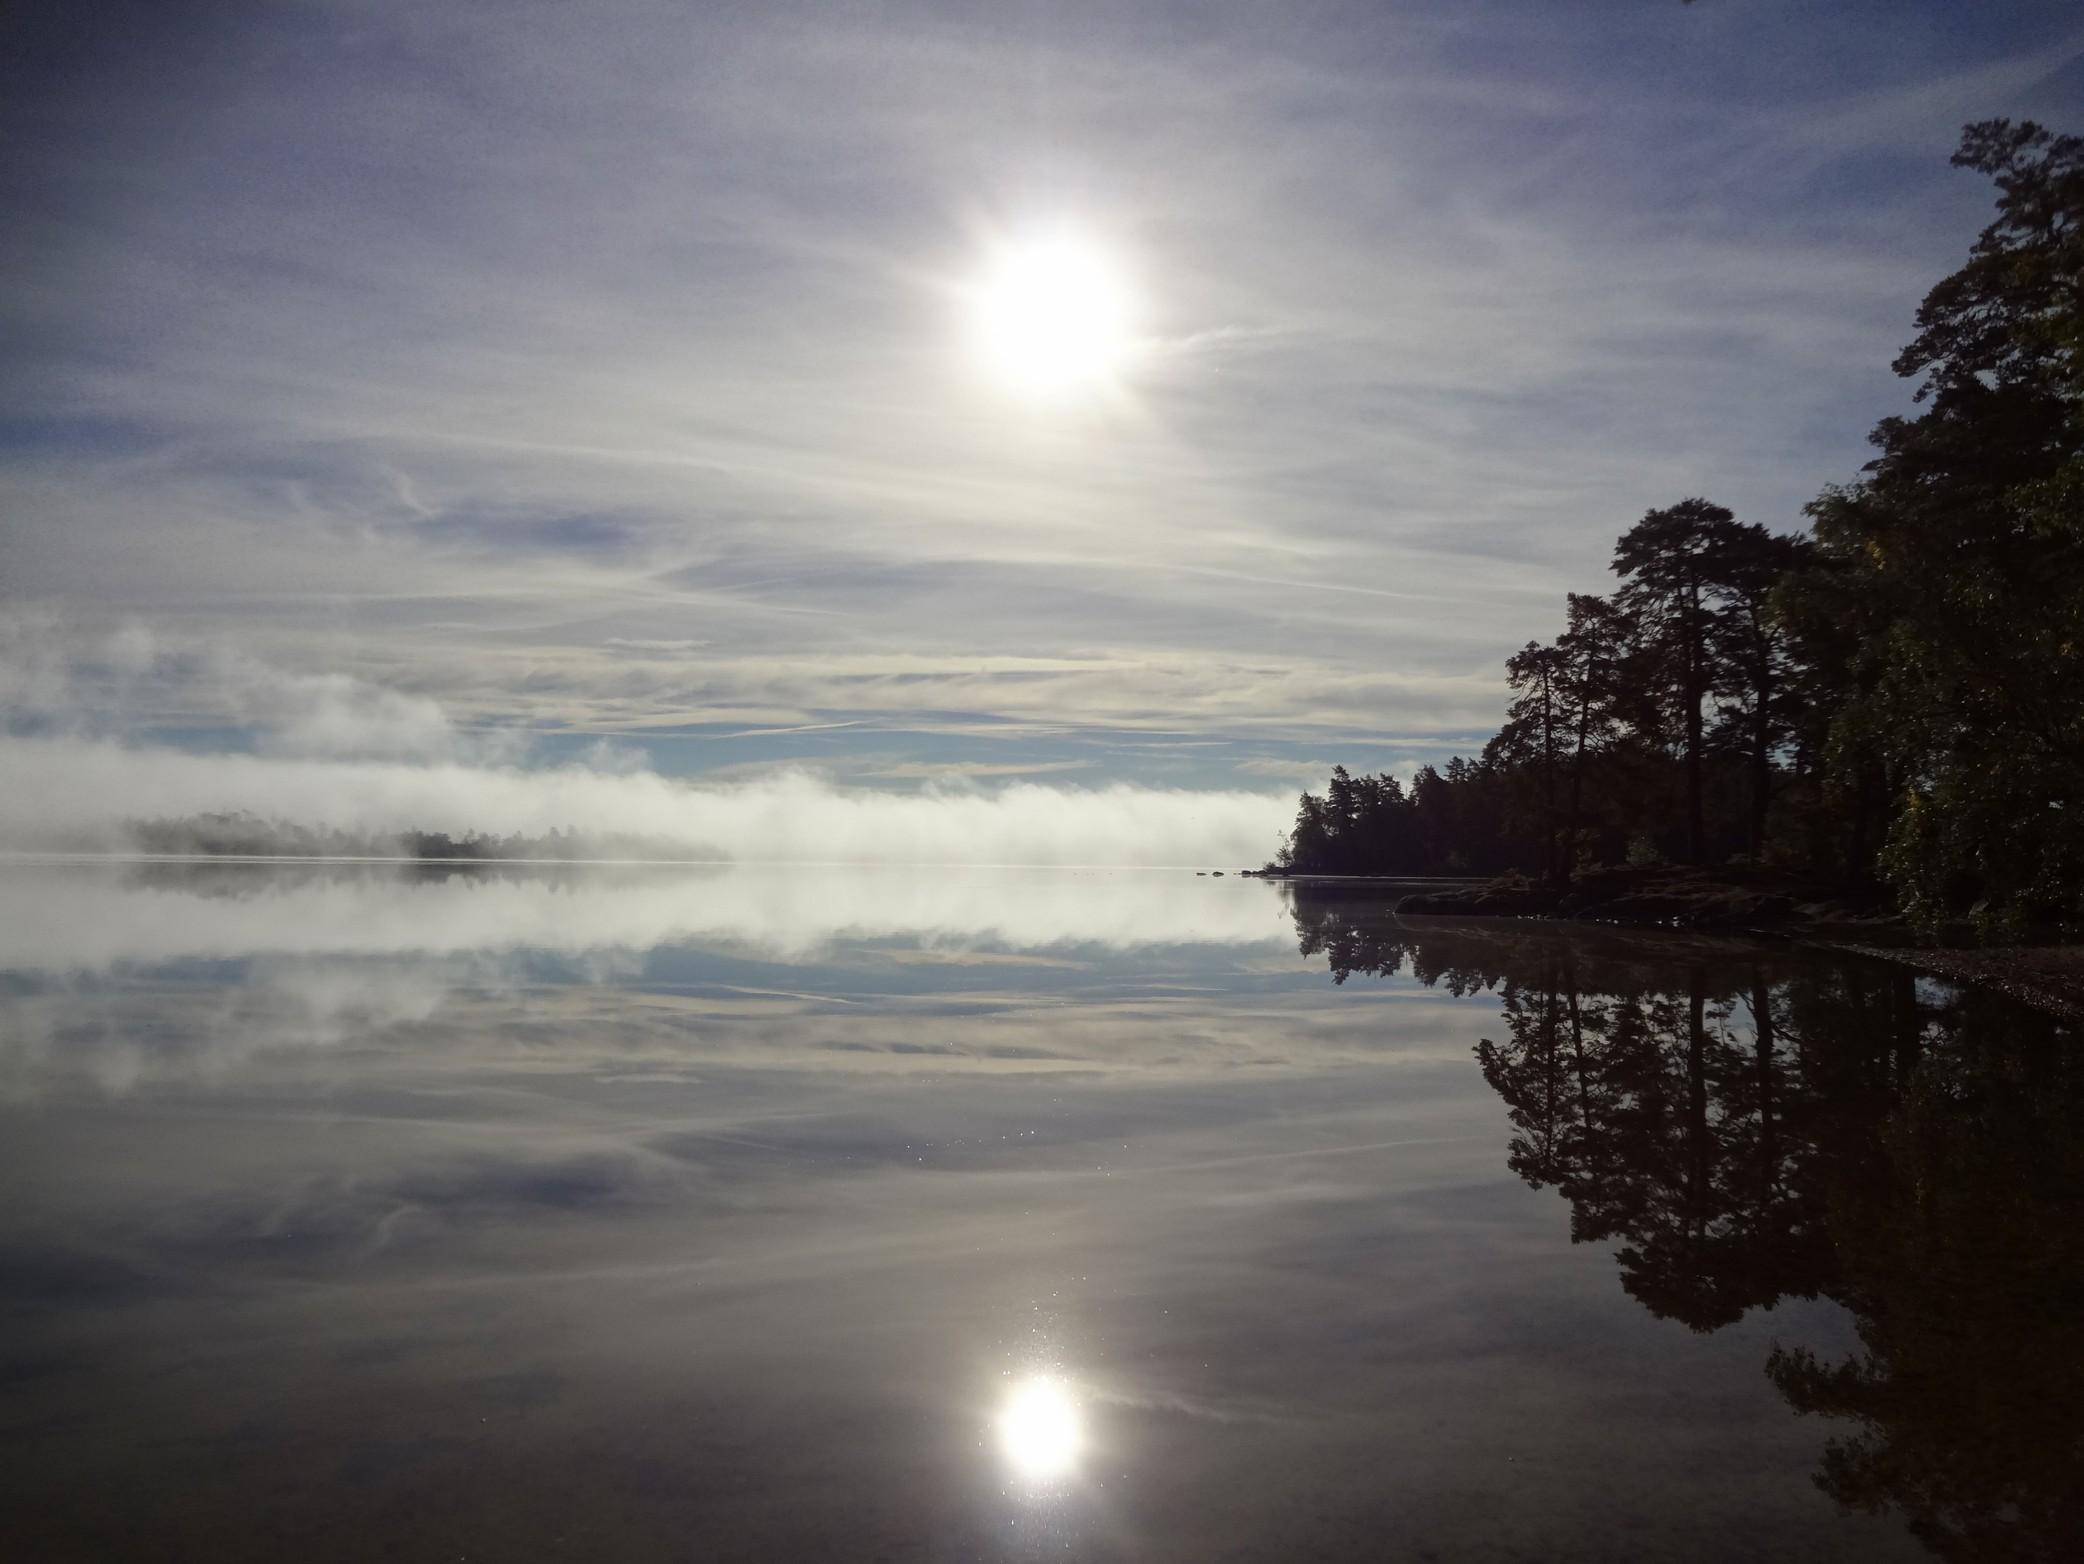 Lever du jour sur l'île d'Hissö